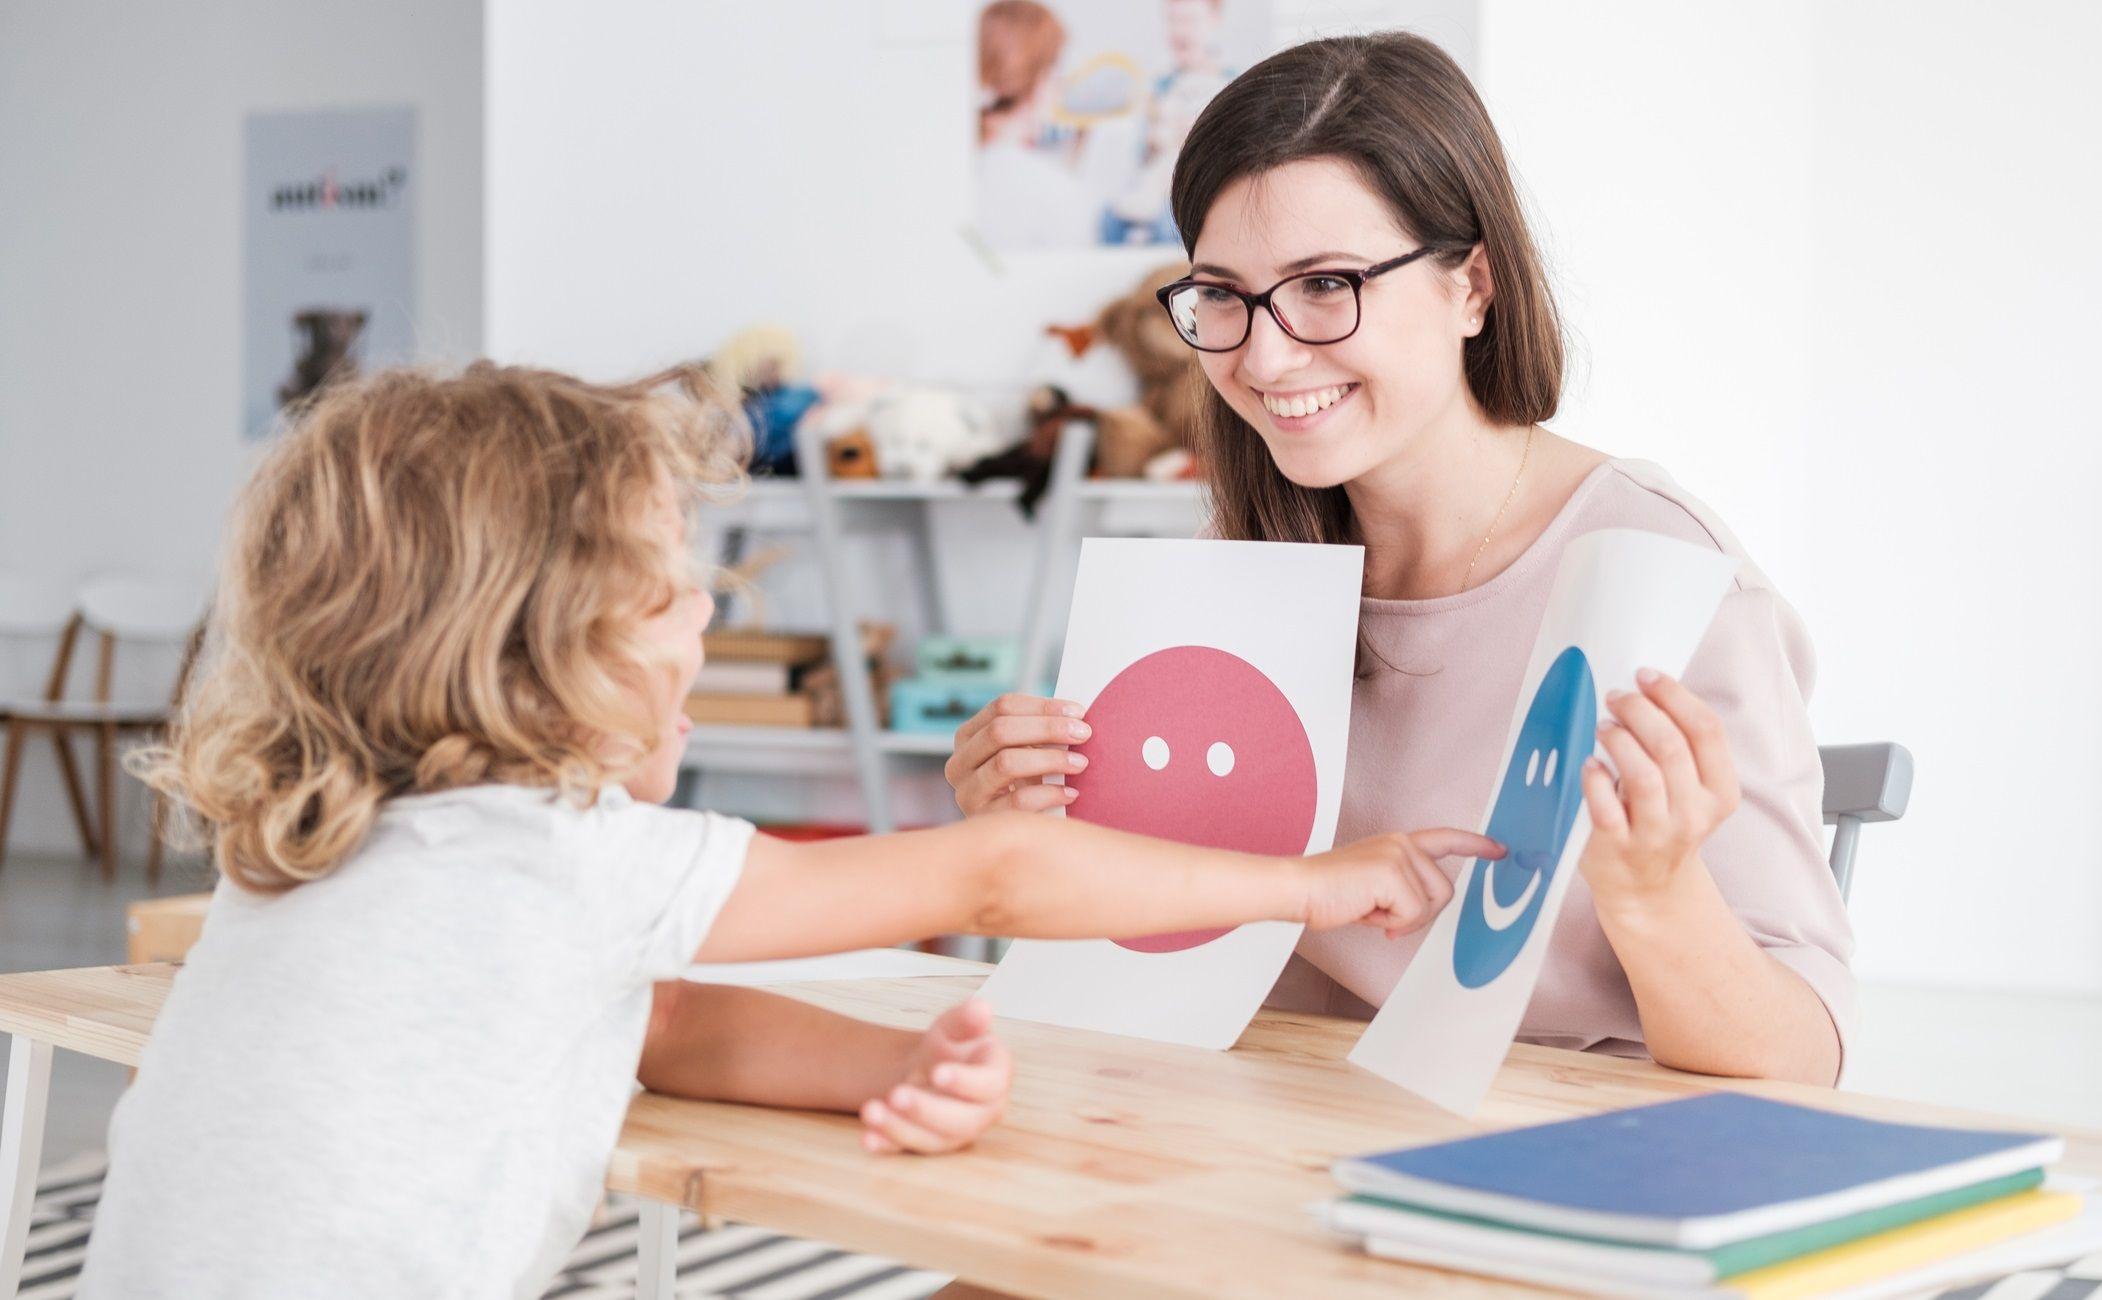 La importancia de la educación emocional infantil